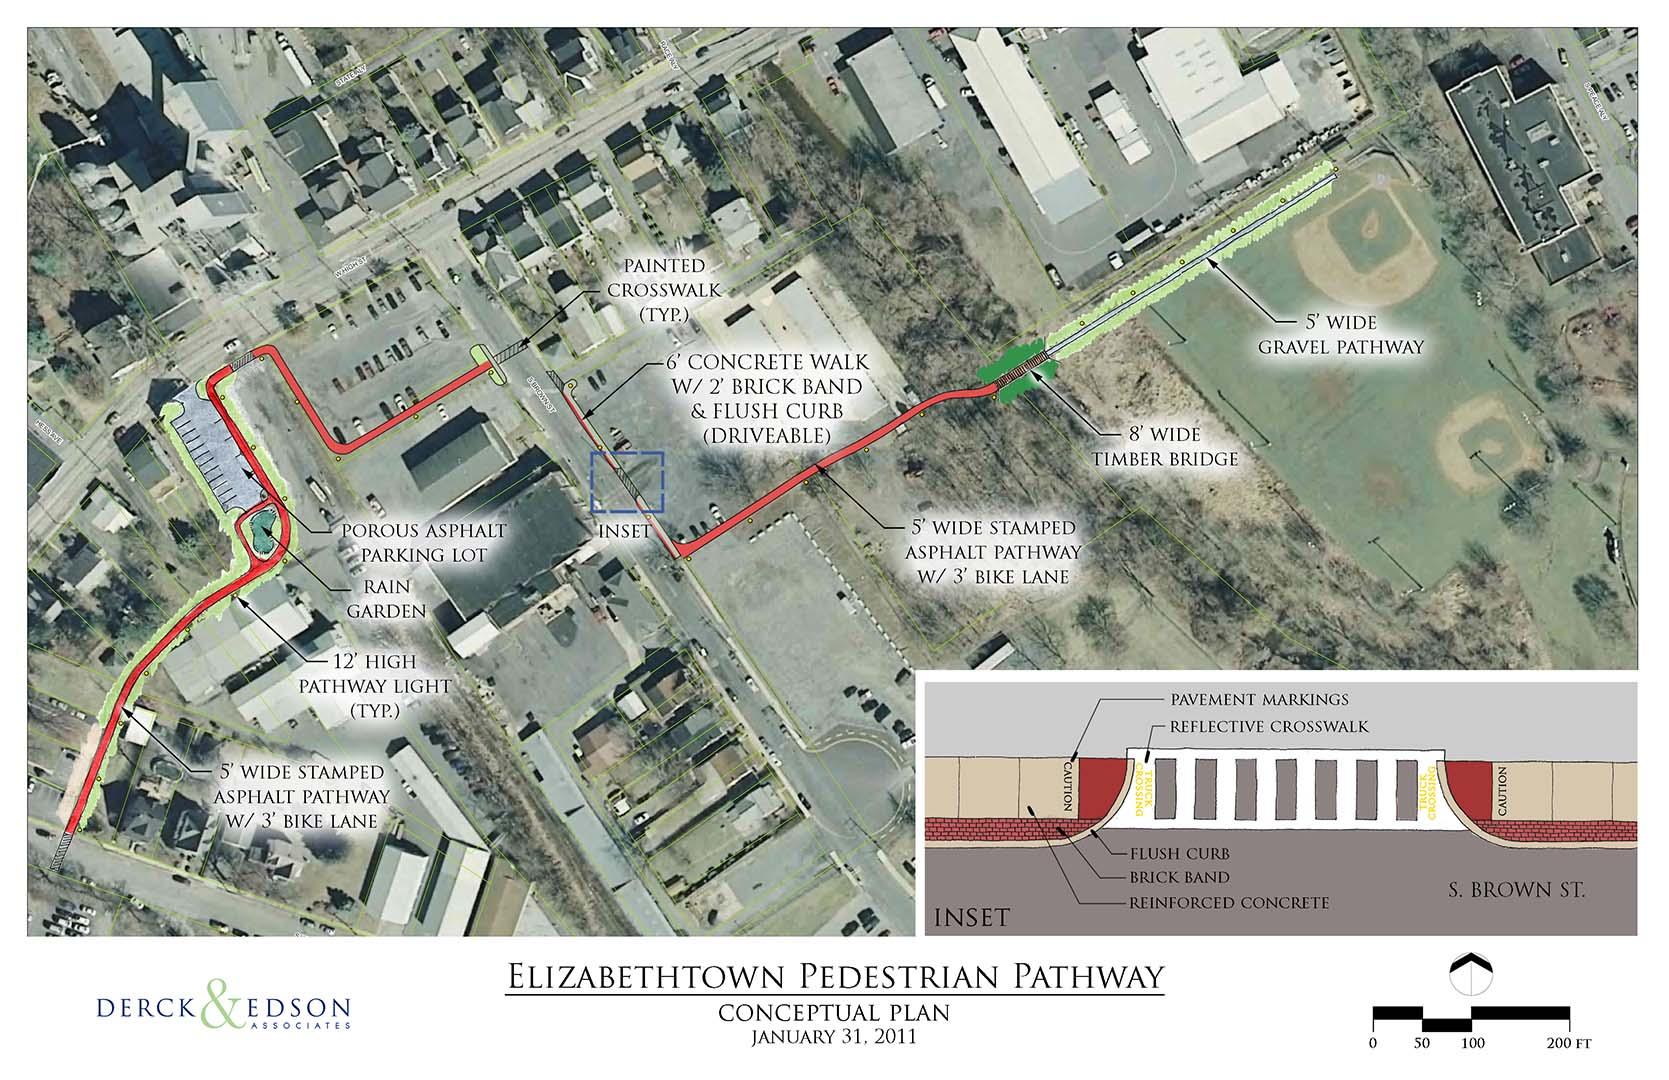 Elizabethtown Pedestrian Pathway